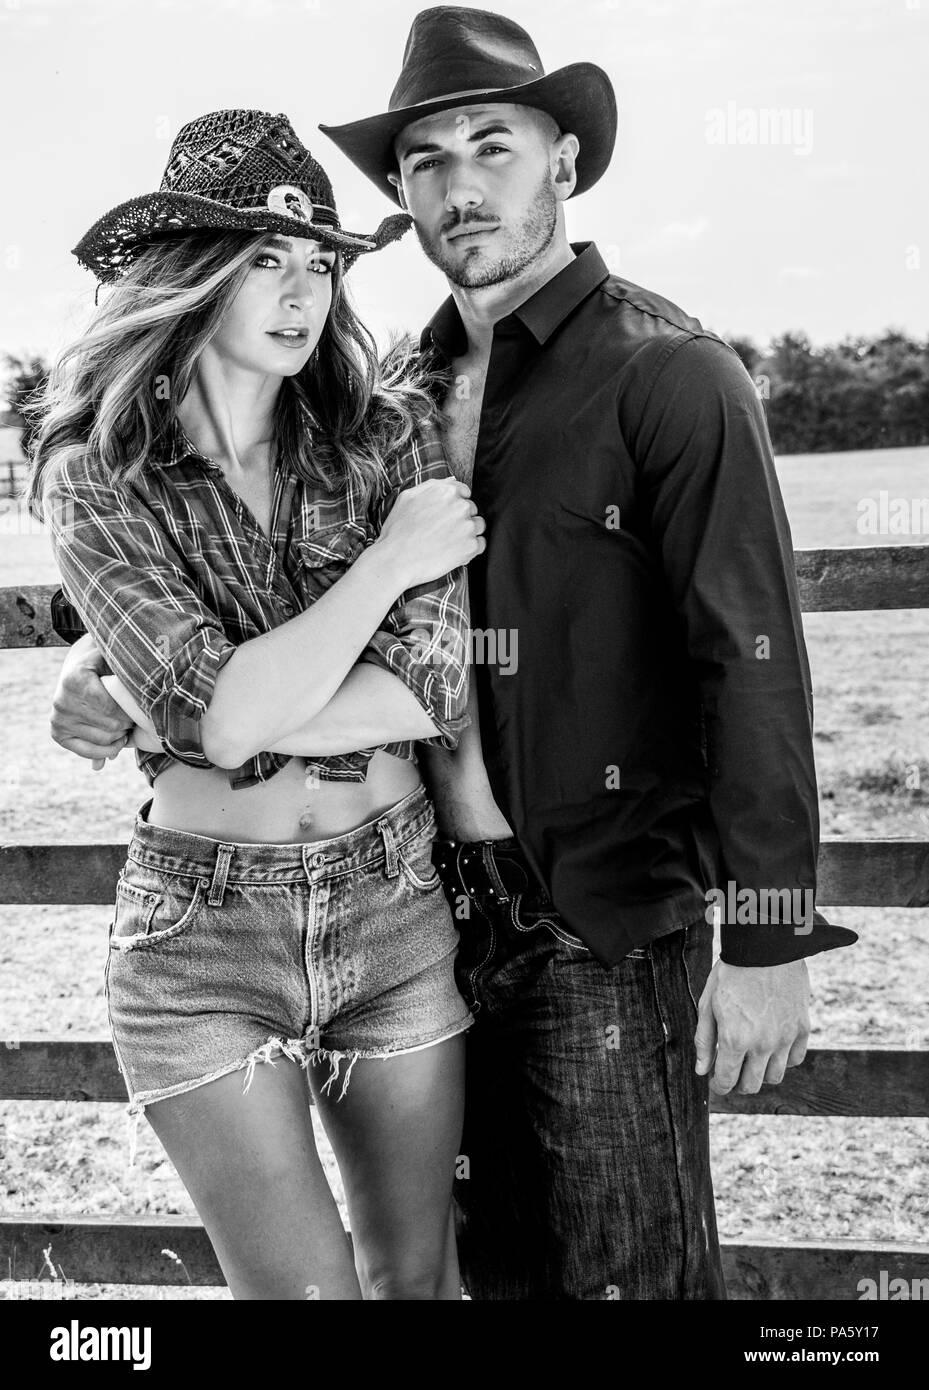 datingside Cowboys Cowgirls